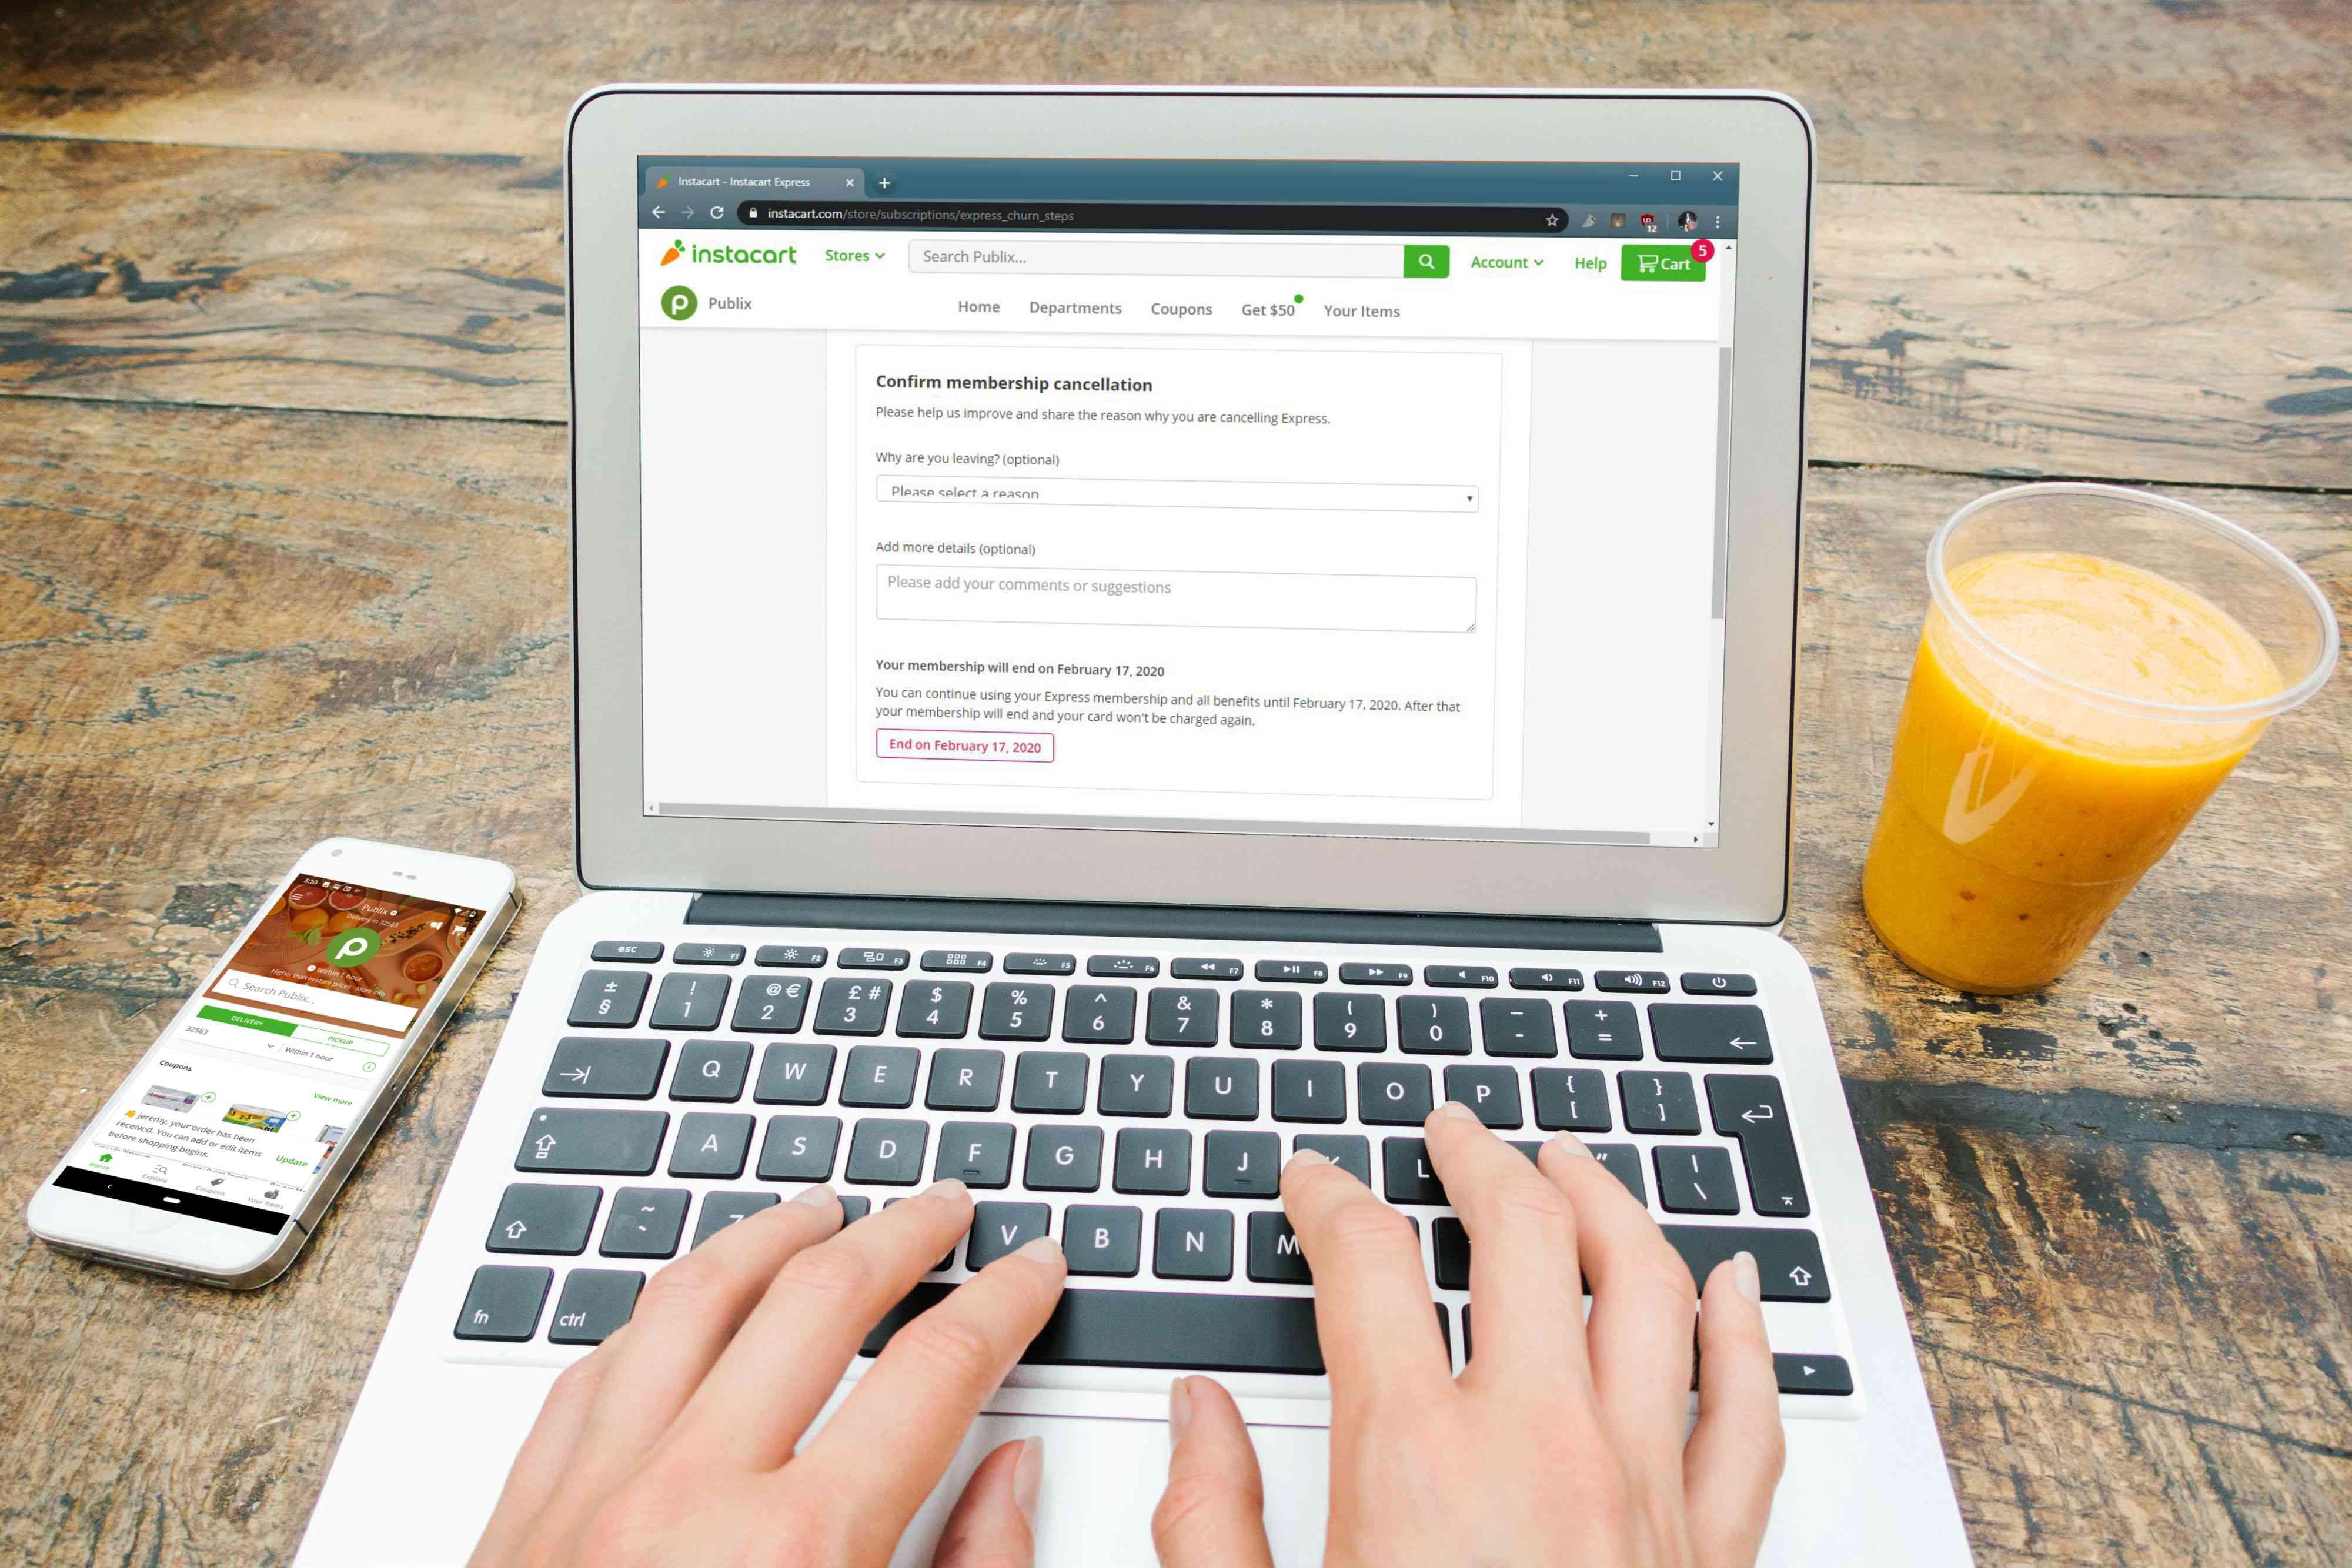 An Instacart user cancels their Express membership using a laptop.